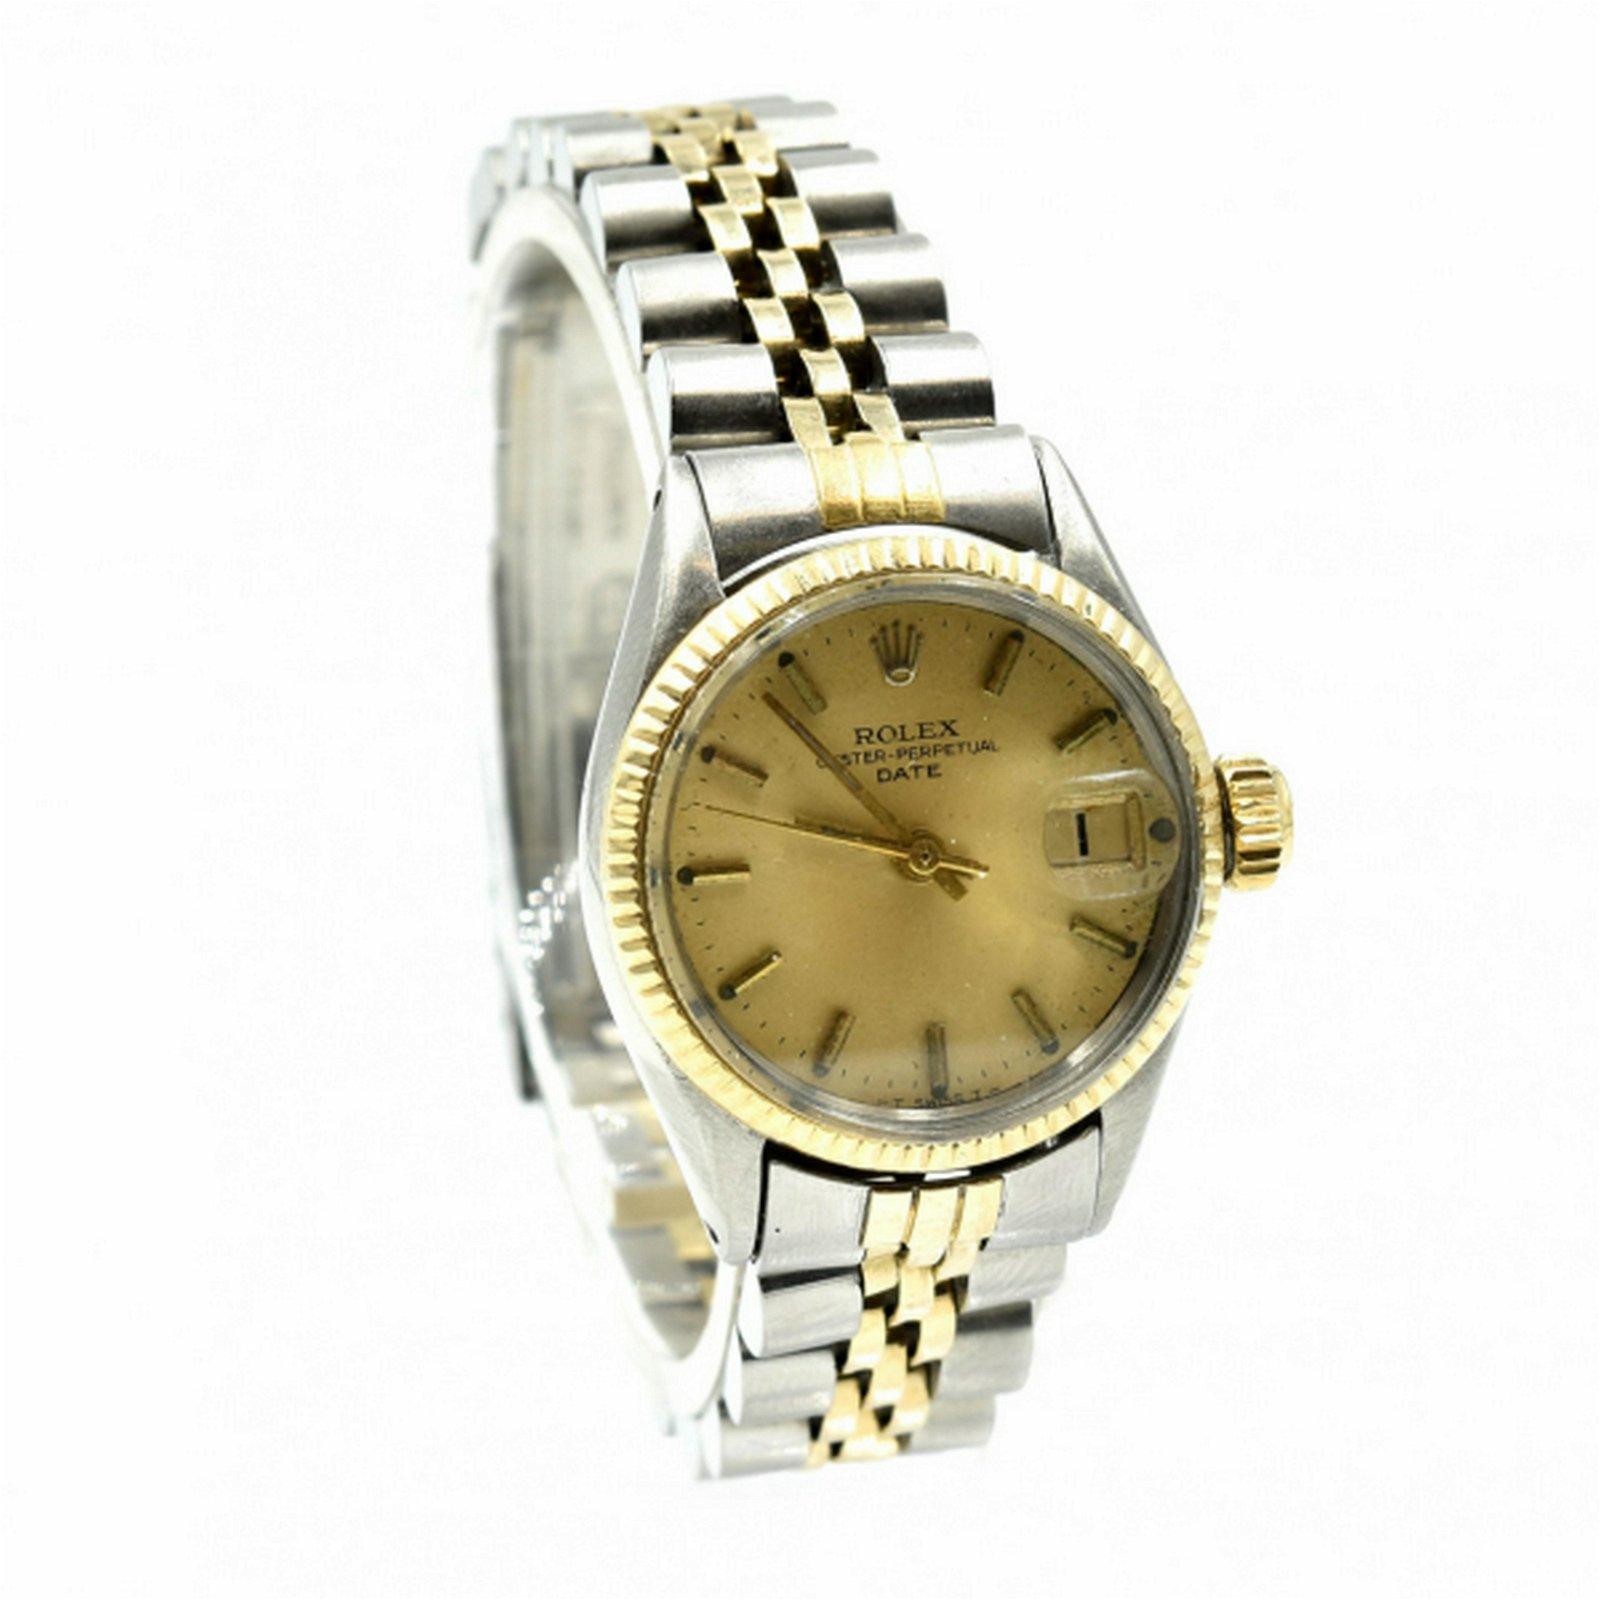 Ladies Stainless Steel/18k Gold Rolex Datejust Watch